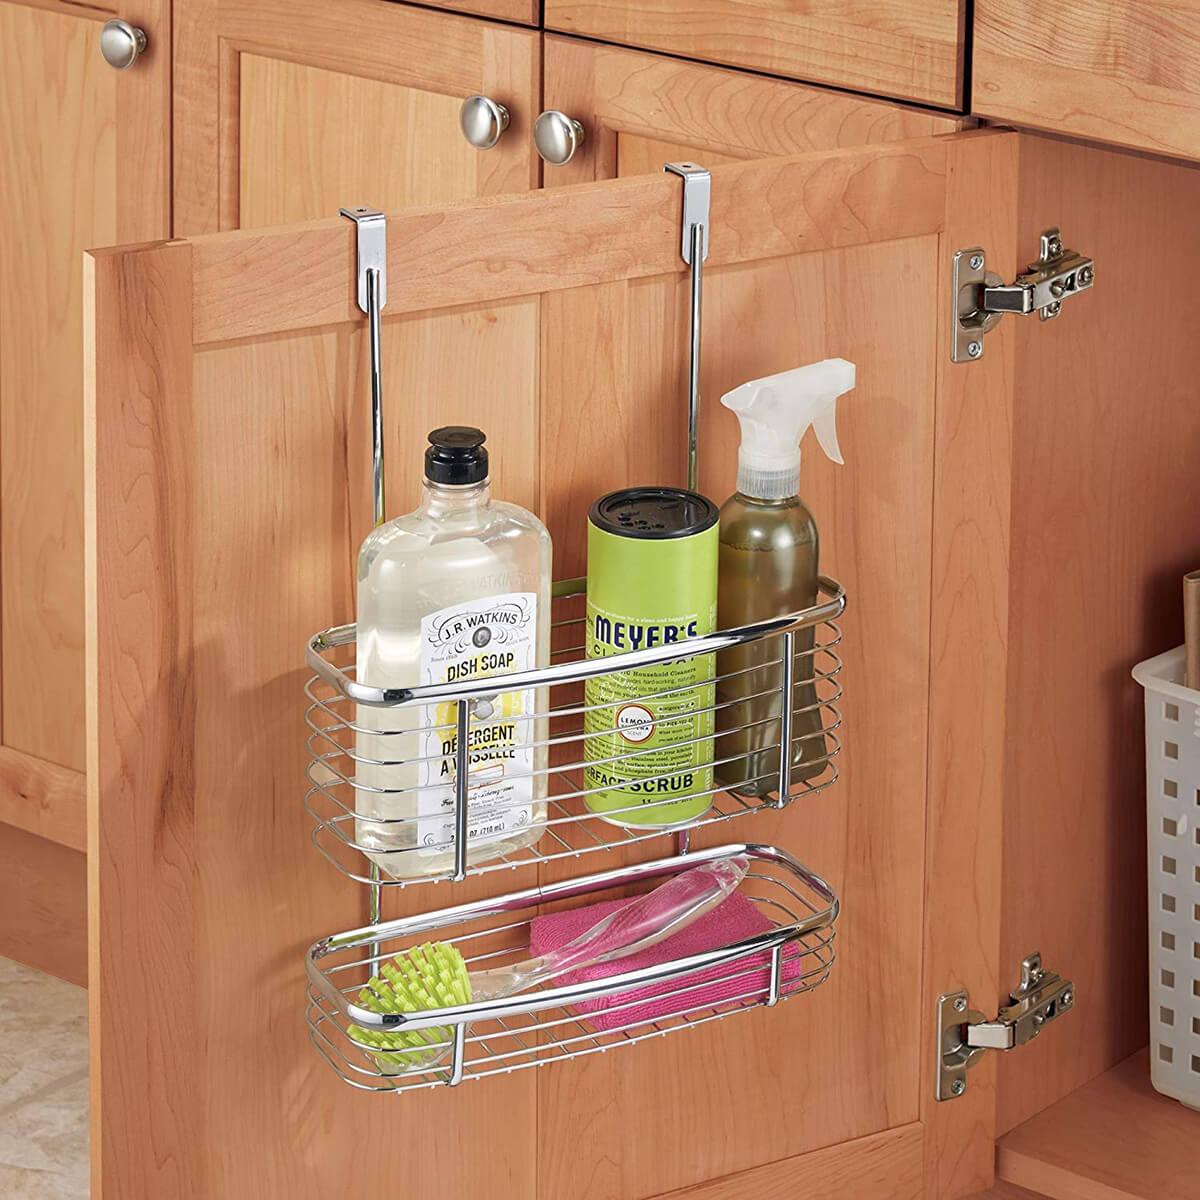 Советы для поддержания порядка и чистоты на кухне фото 1